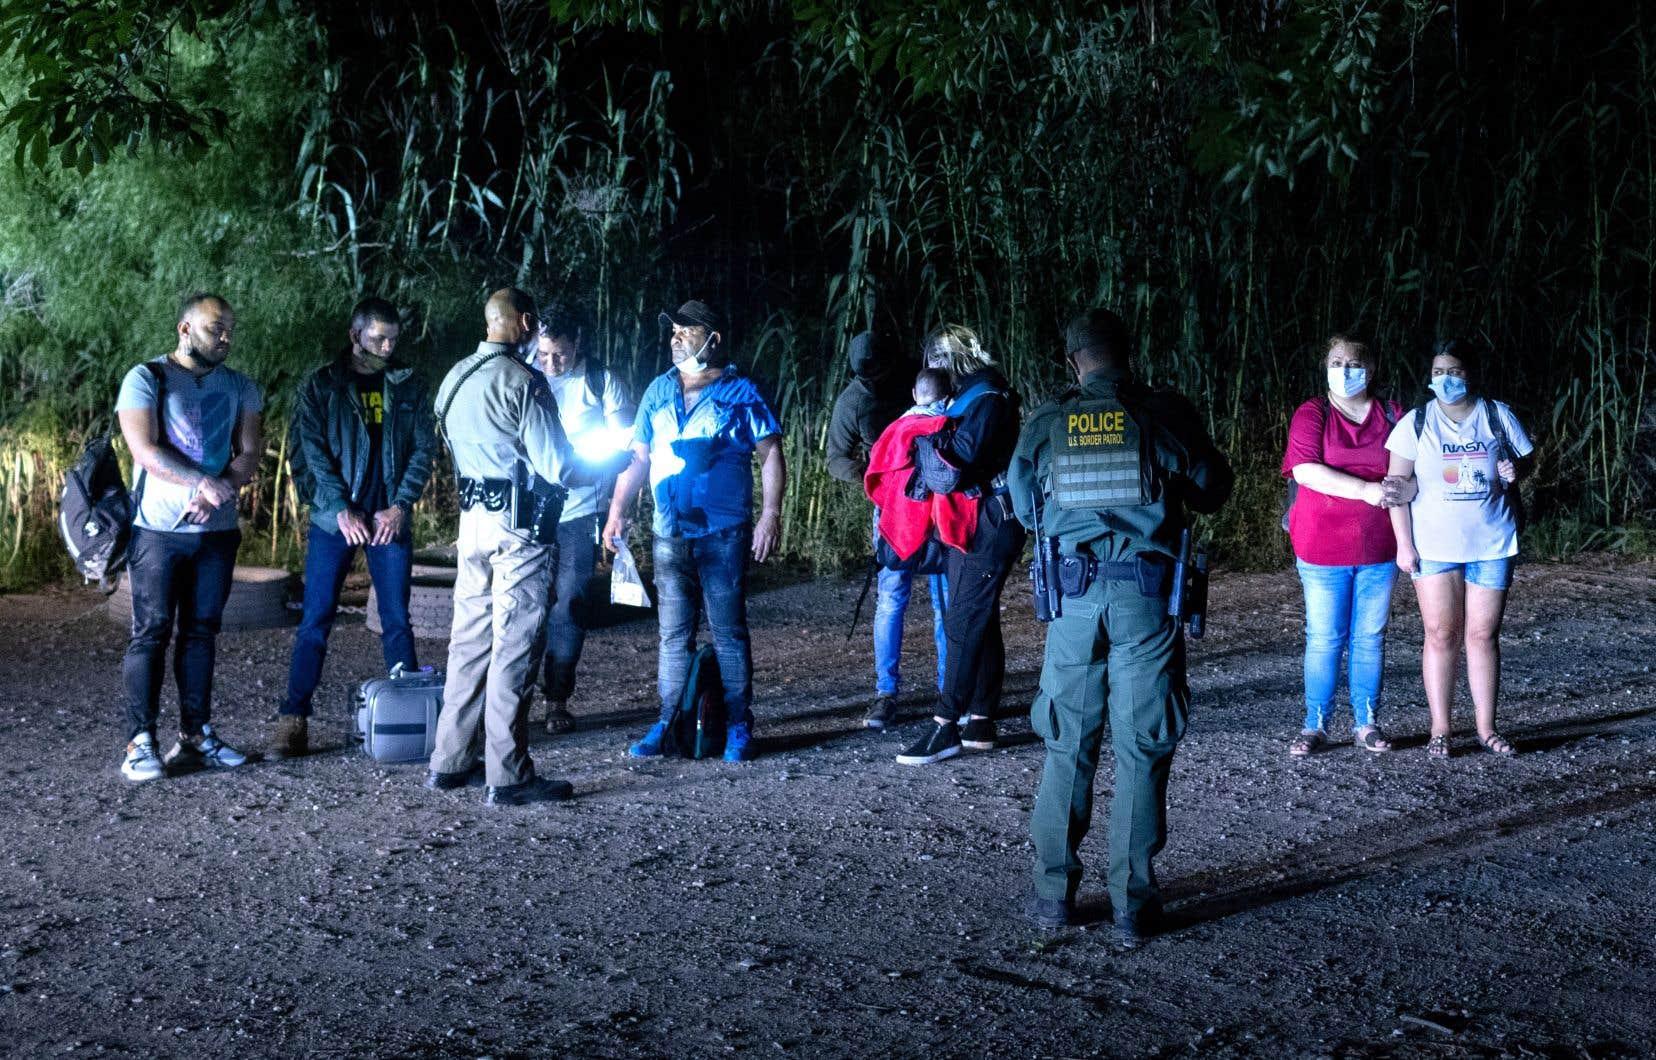 Selon le rapport, 3,9millions de Vénézuéliens se trouvaient à l'extérieur de leur pays l'an dernier, dont ceux-ci, tentant de traverser la frontière américaine.